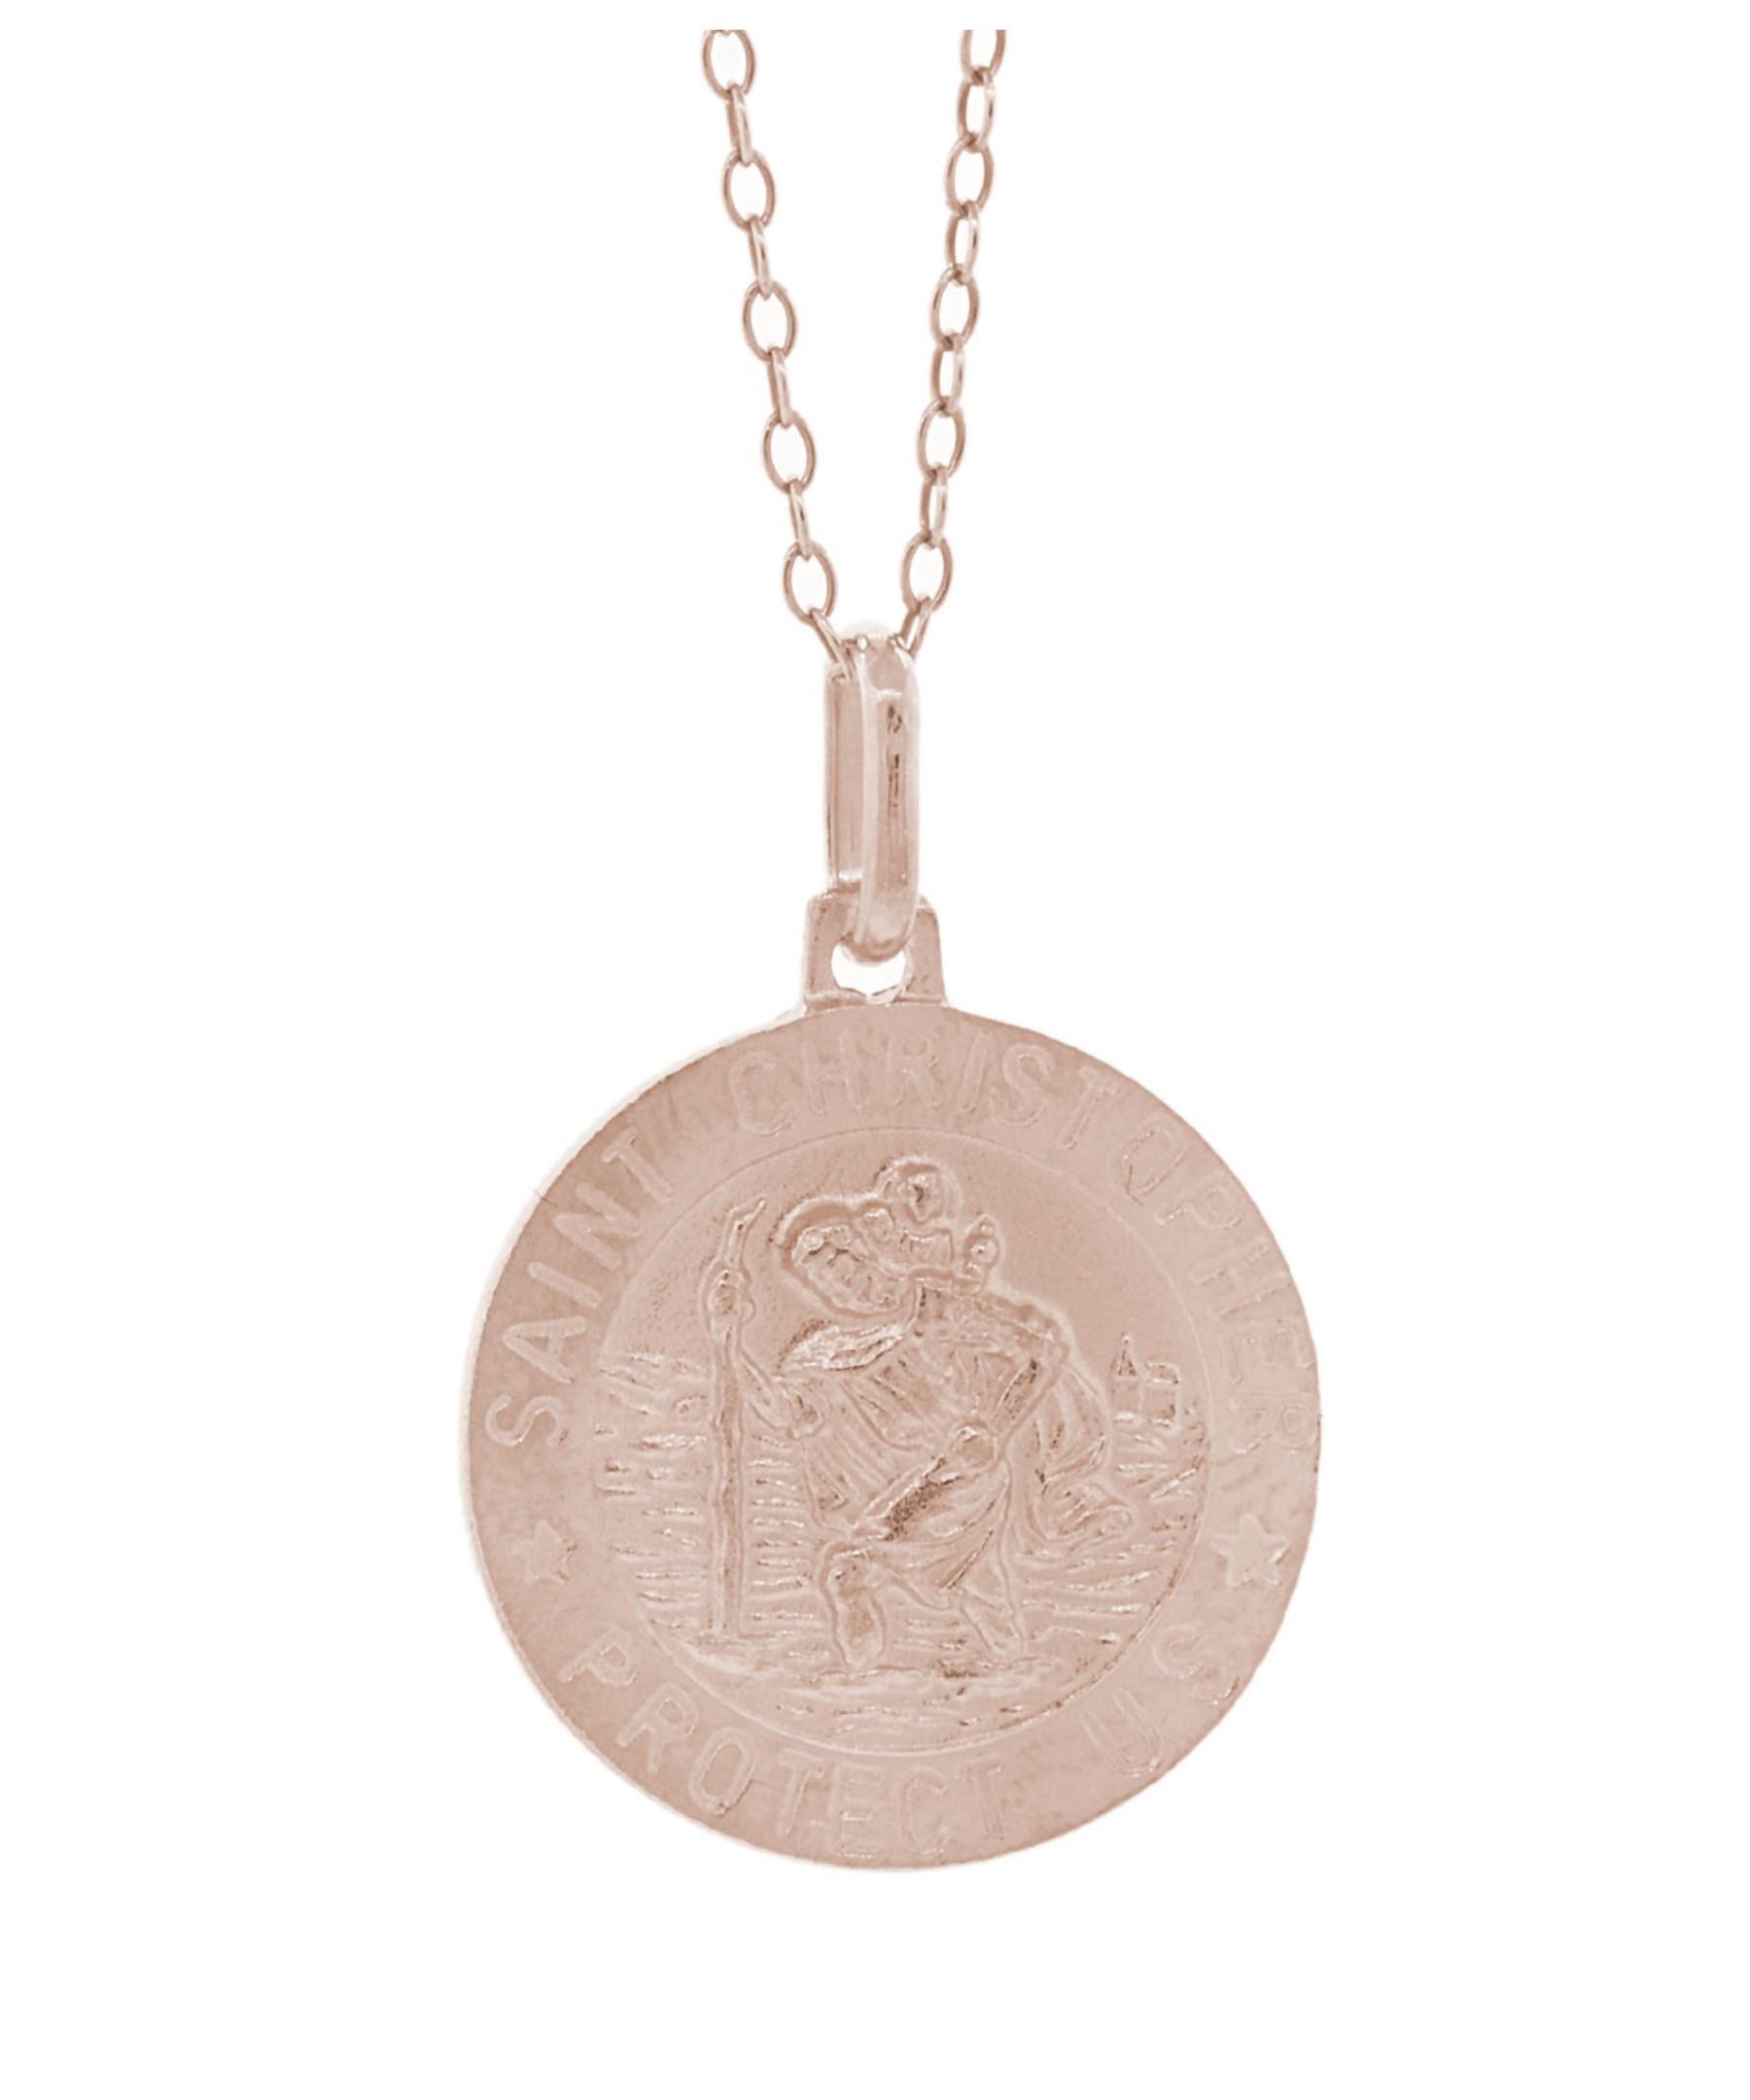 barzel 18k gold ptd sterling silver christopher